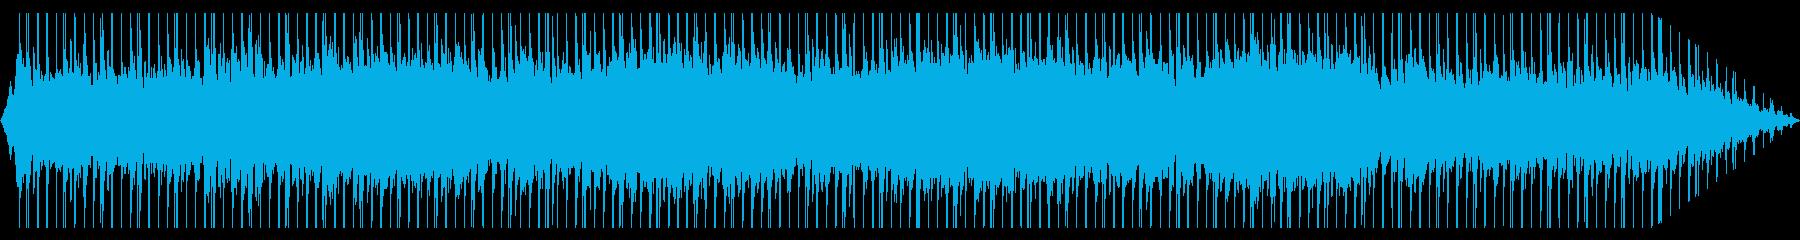 緊張感のあるテクノ曲の再生済みの波形